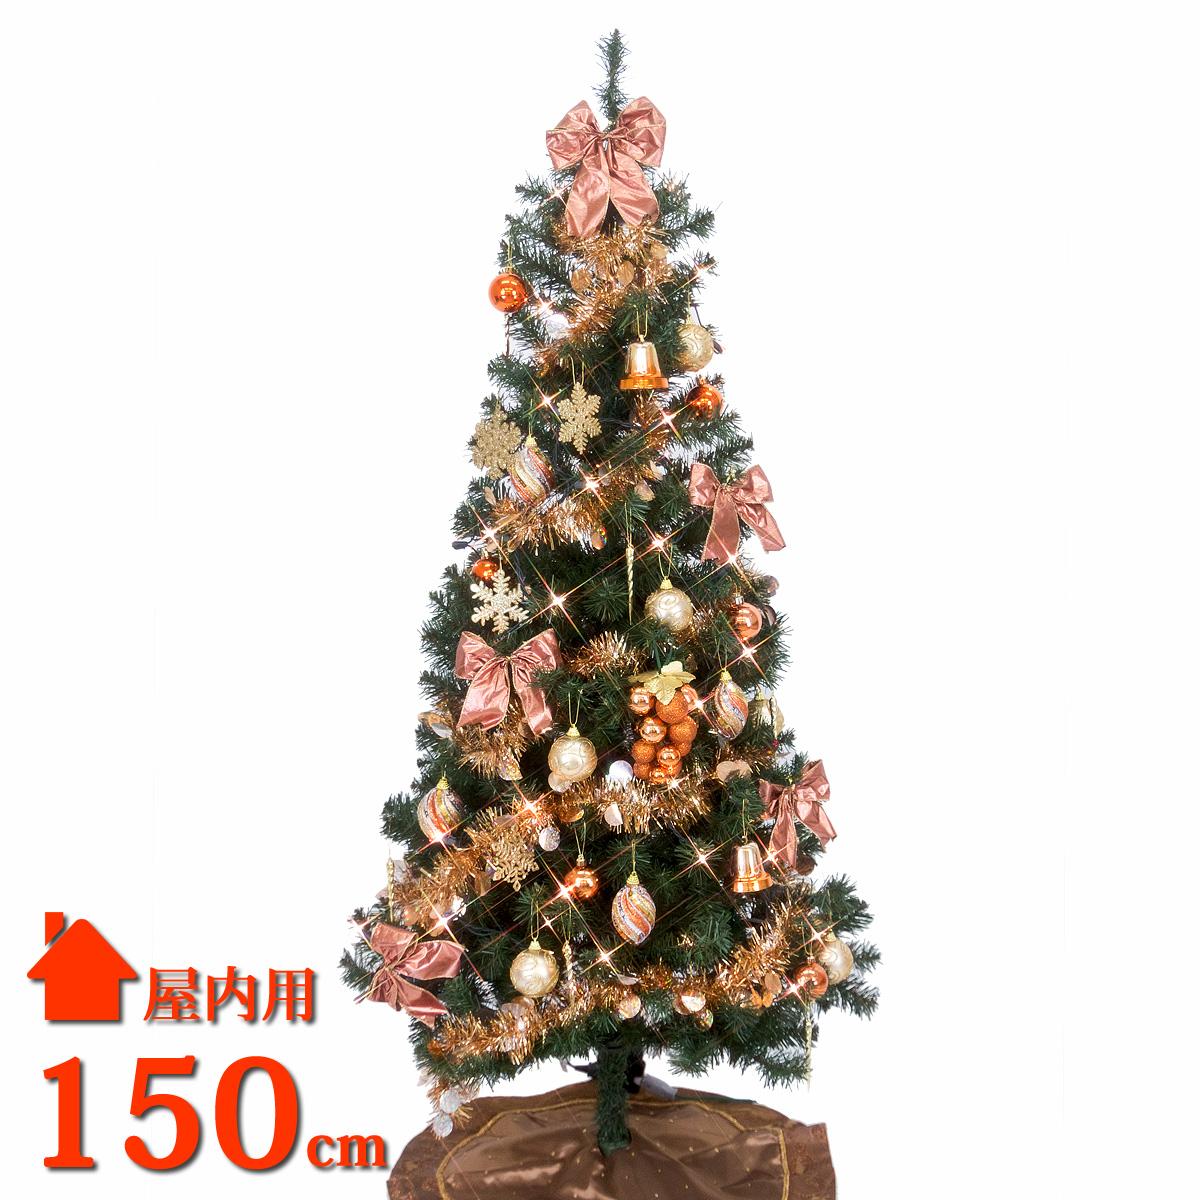 クリスマスツリー 150cm LED ツリーセット ゴールド&コパー オーナメント付き 北欧 おしゃれ 【10月下旬入荷予定】